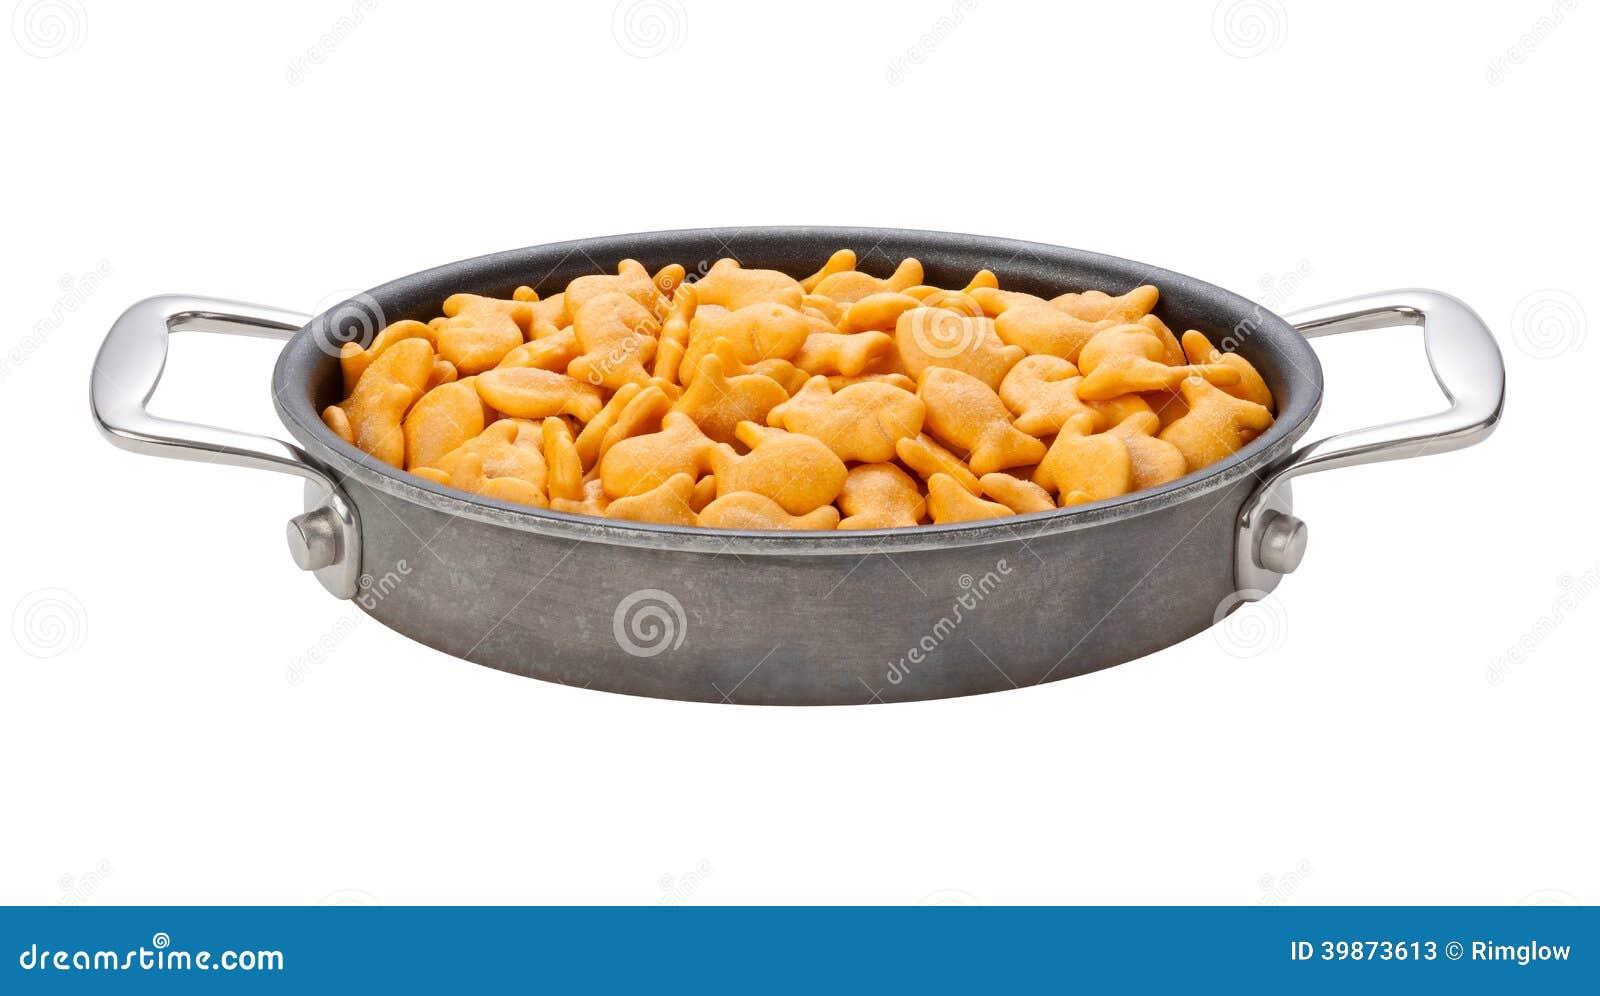 Biscuits de poisson rouge dans une casserole ovale image for Nourriture poisson rouge pour une semaine